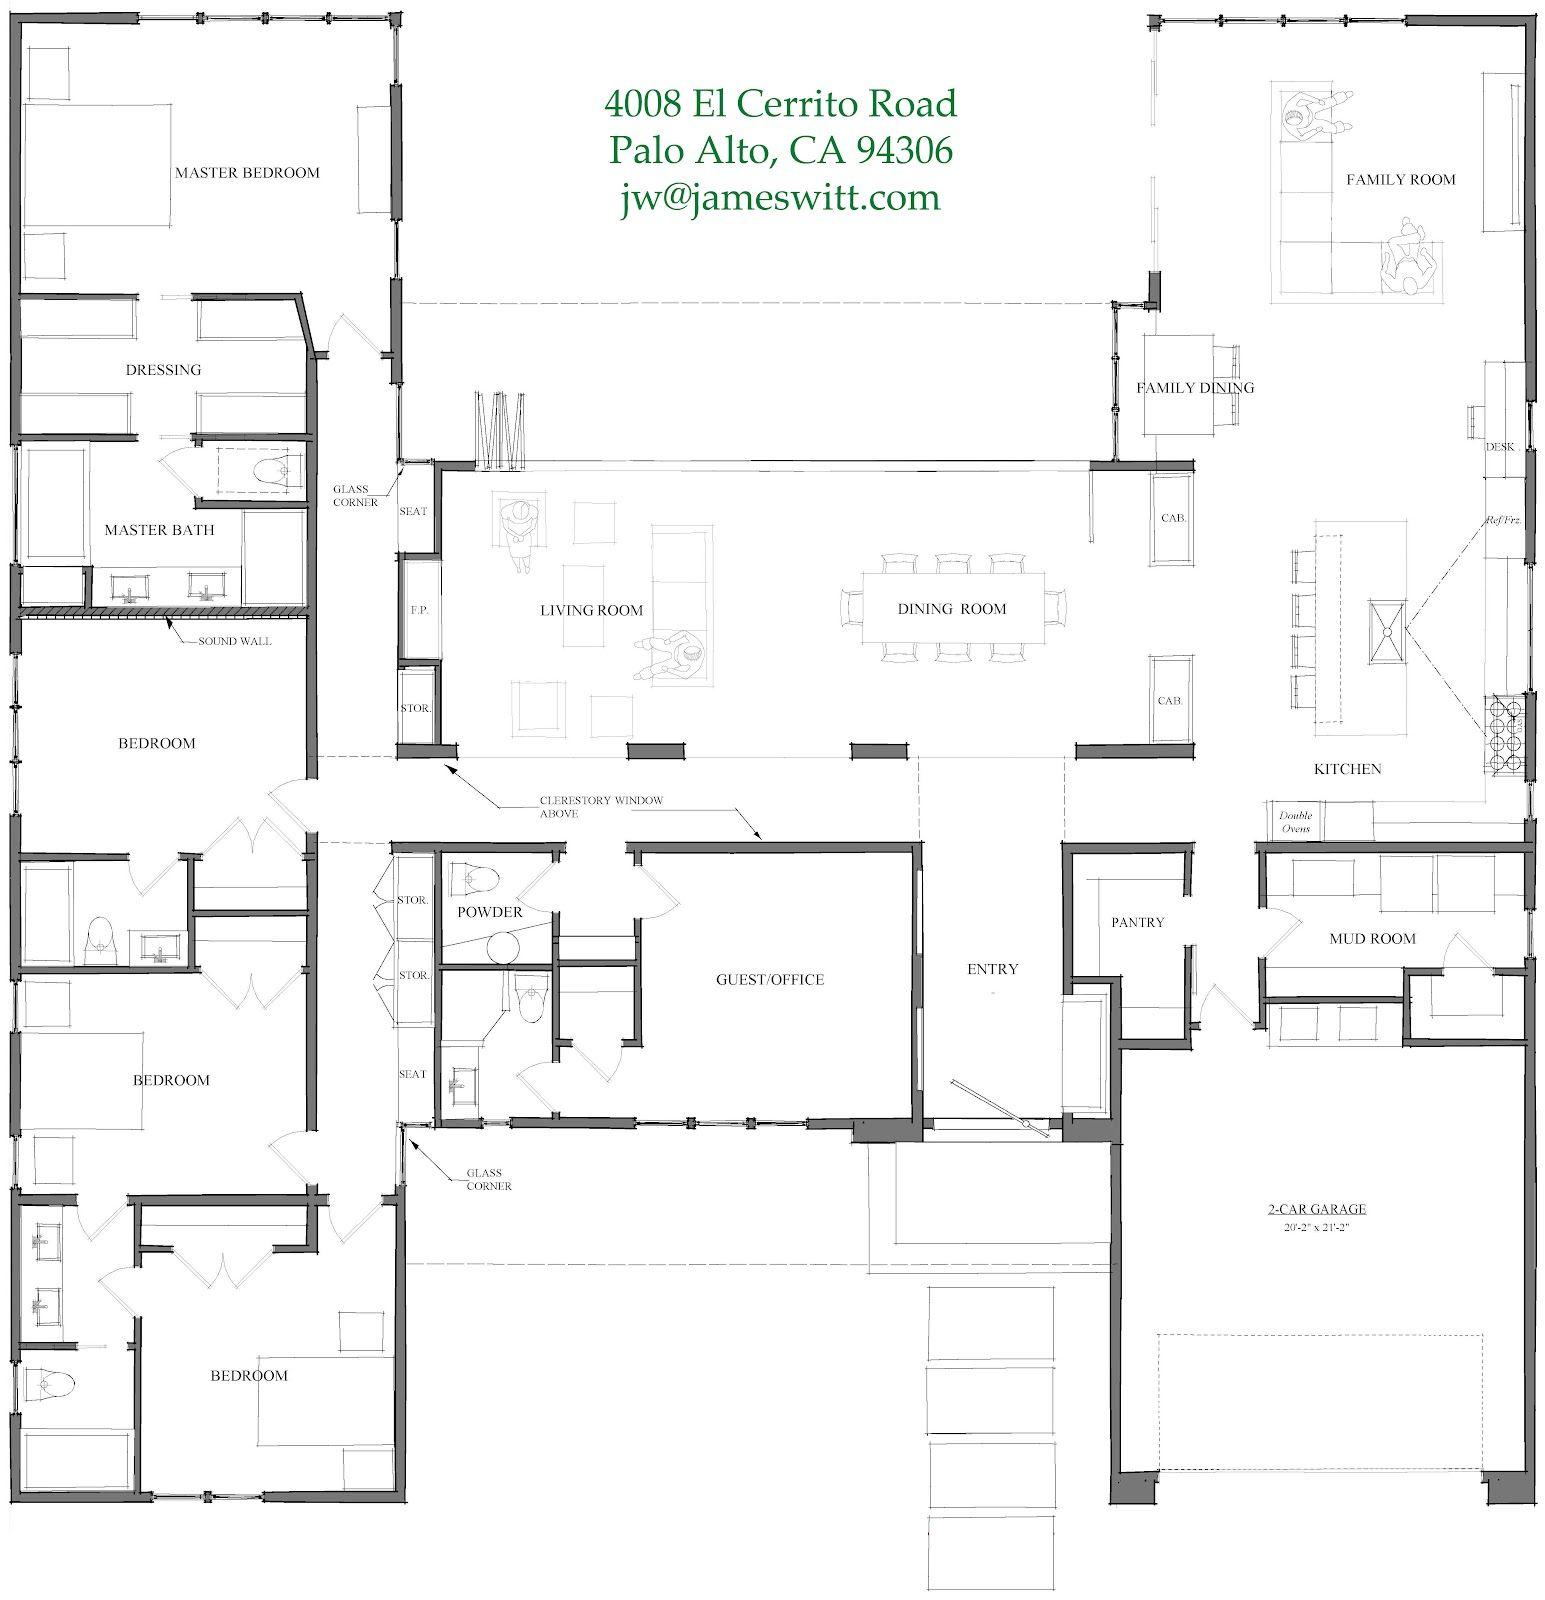 Elcerrito Floorplan Jpeg 1 545 1 600 Pixels 4 Bedroom House Plans U Shaped House Plans House Plans